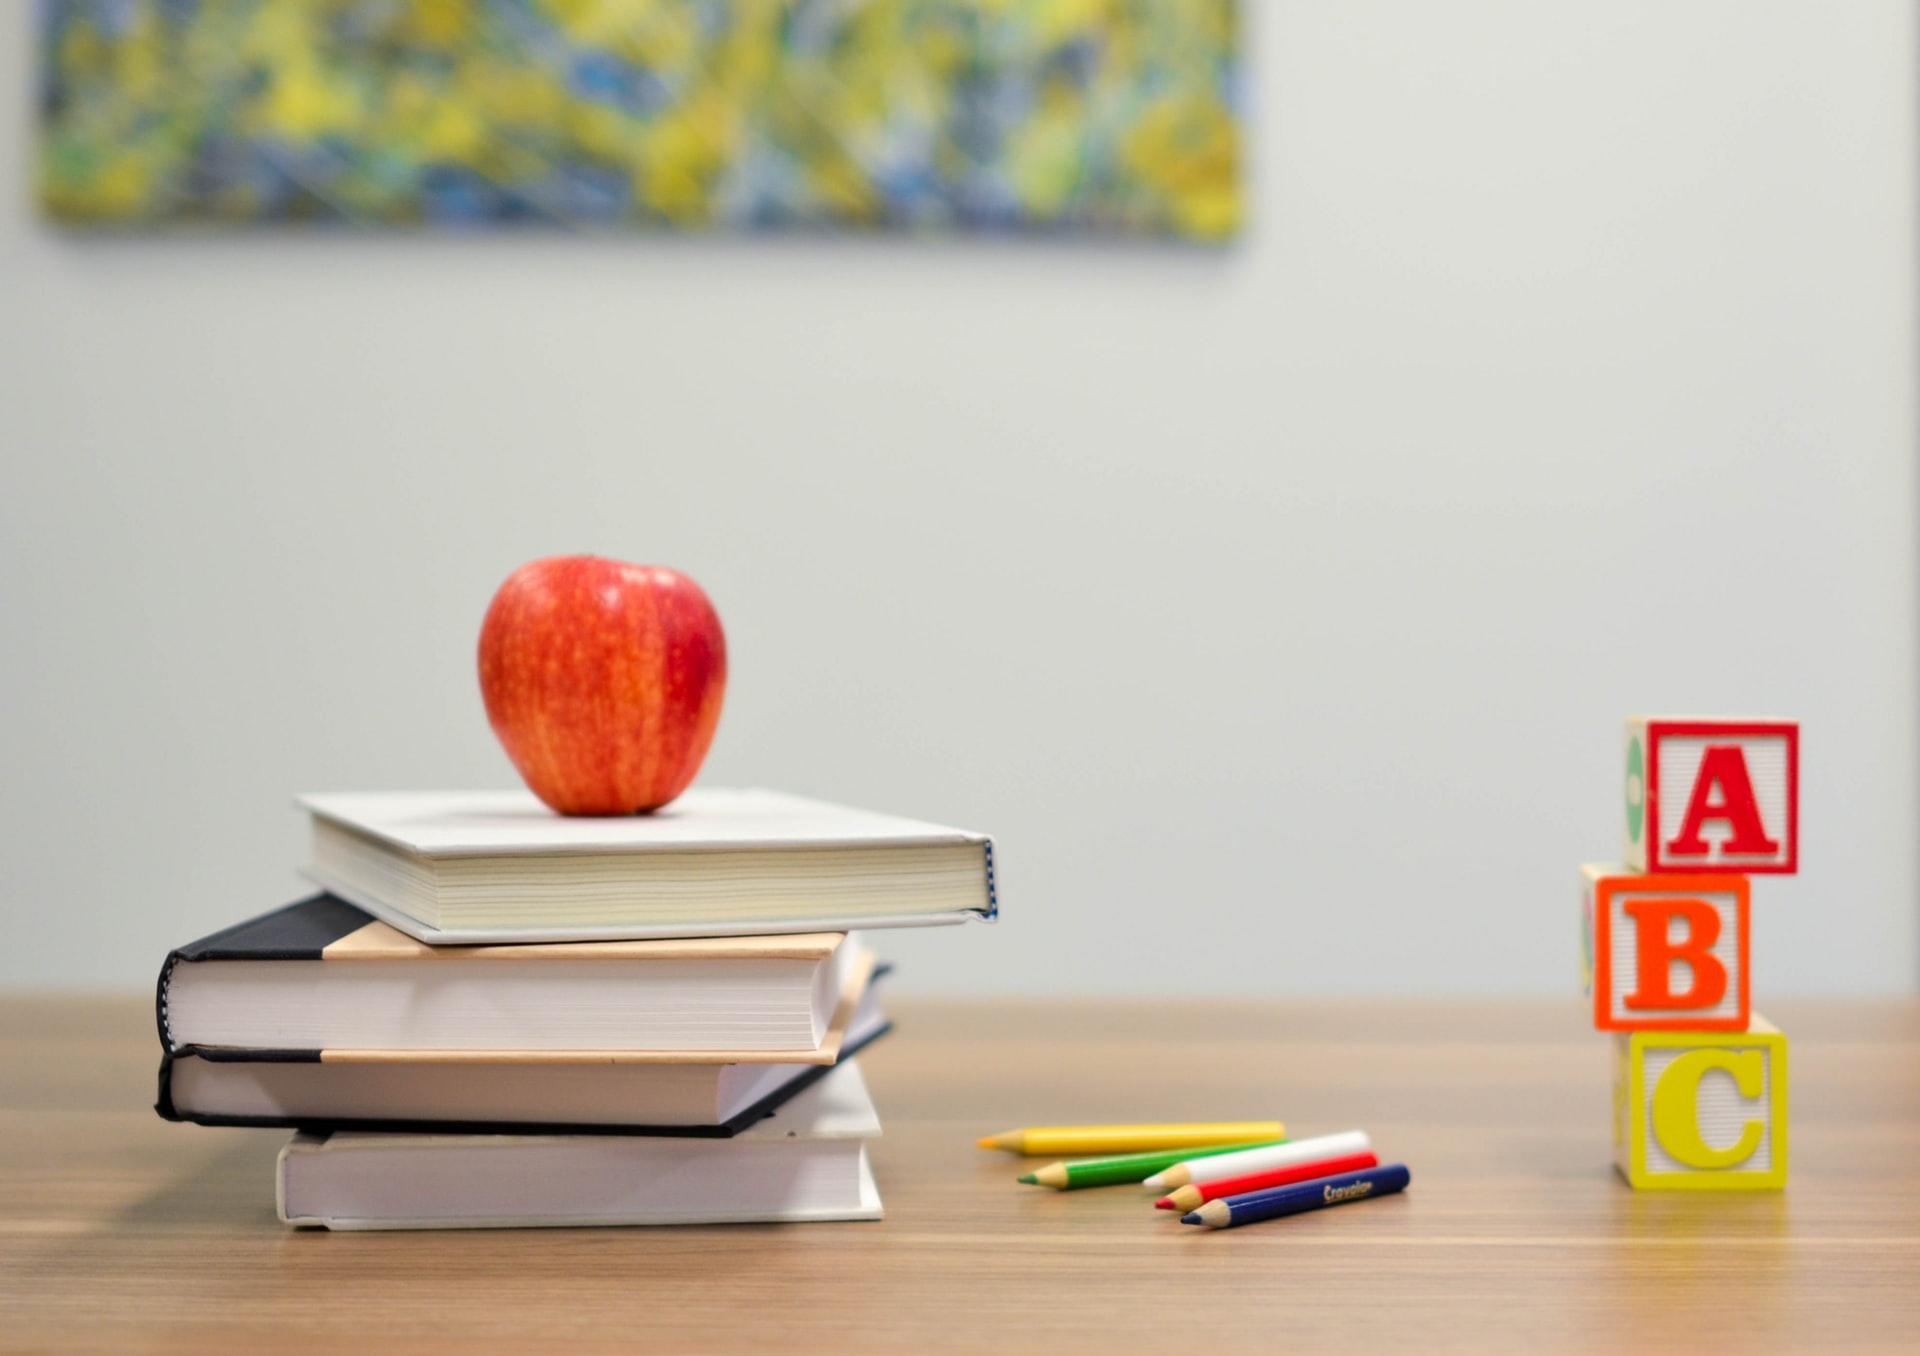 机の上に積まれた本の上に、置かれたリンゴ